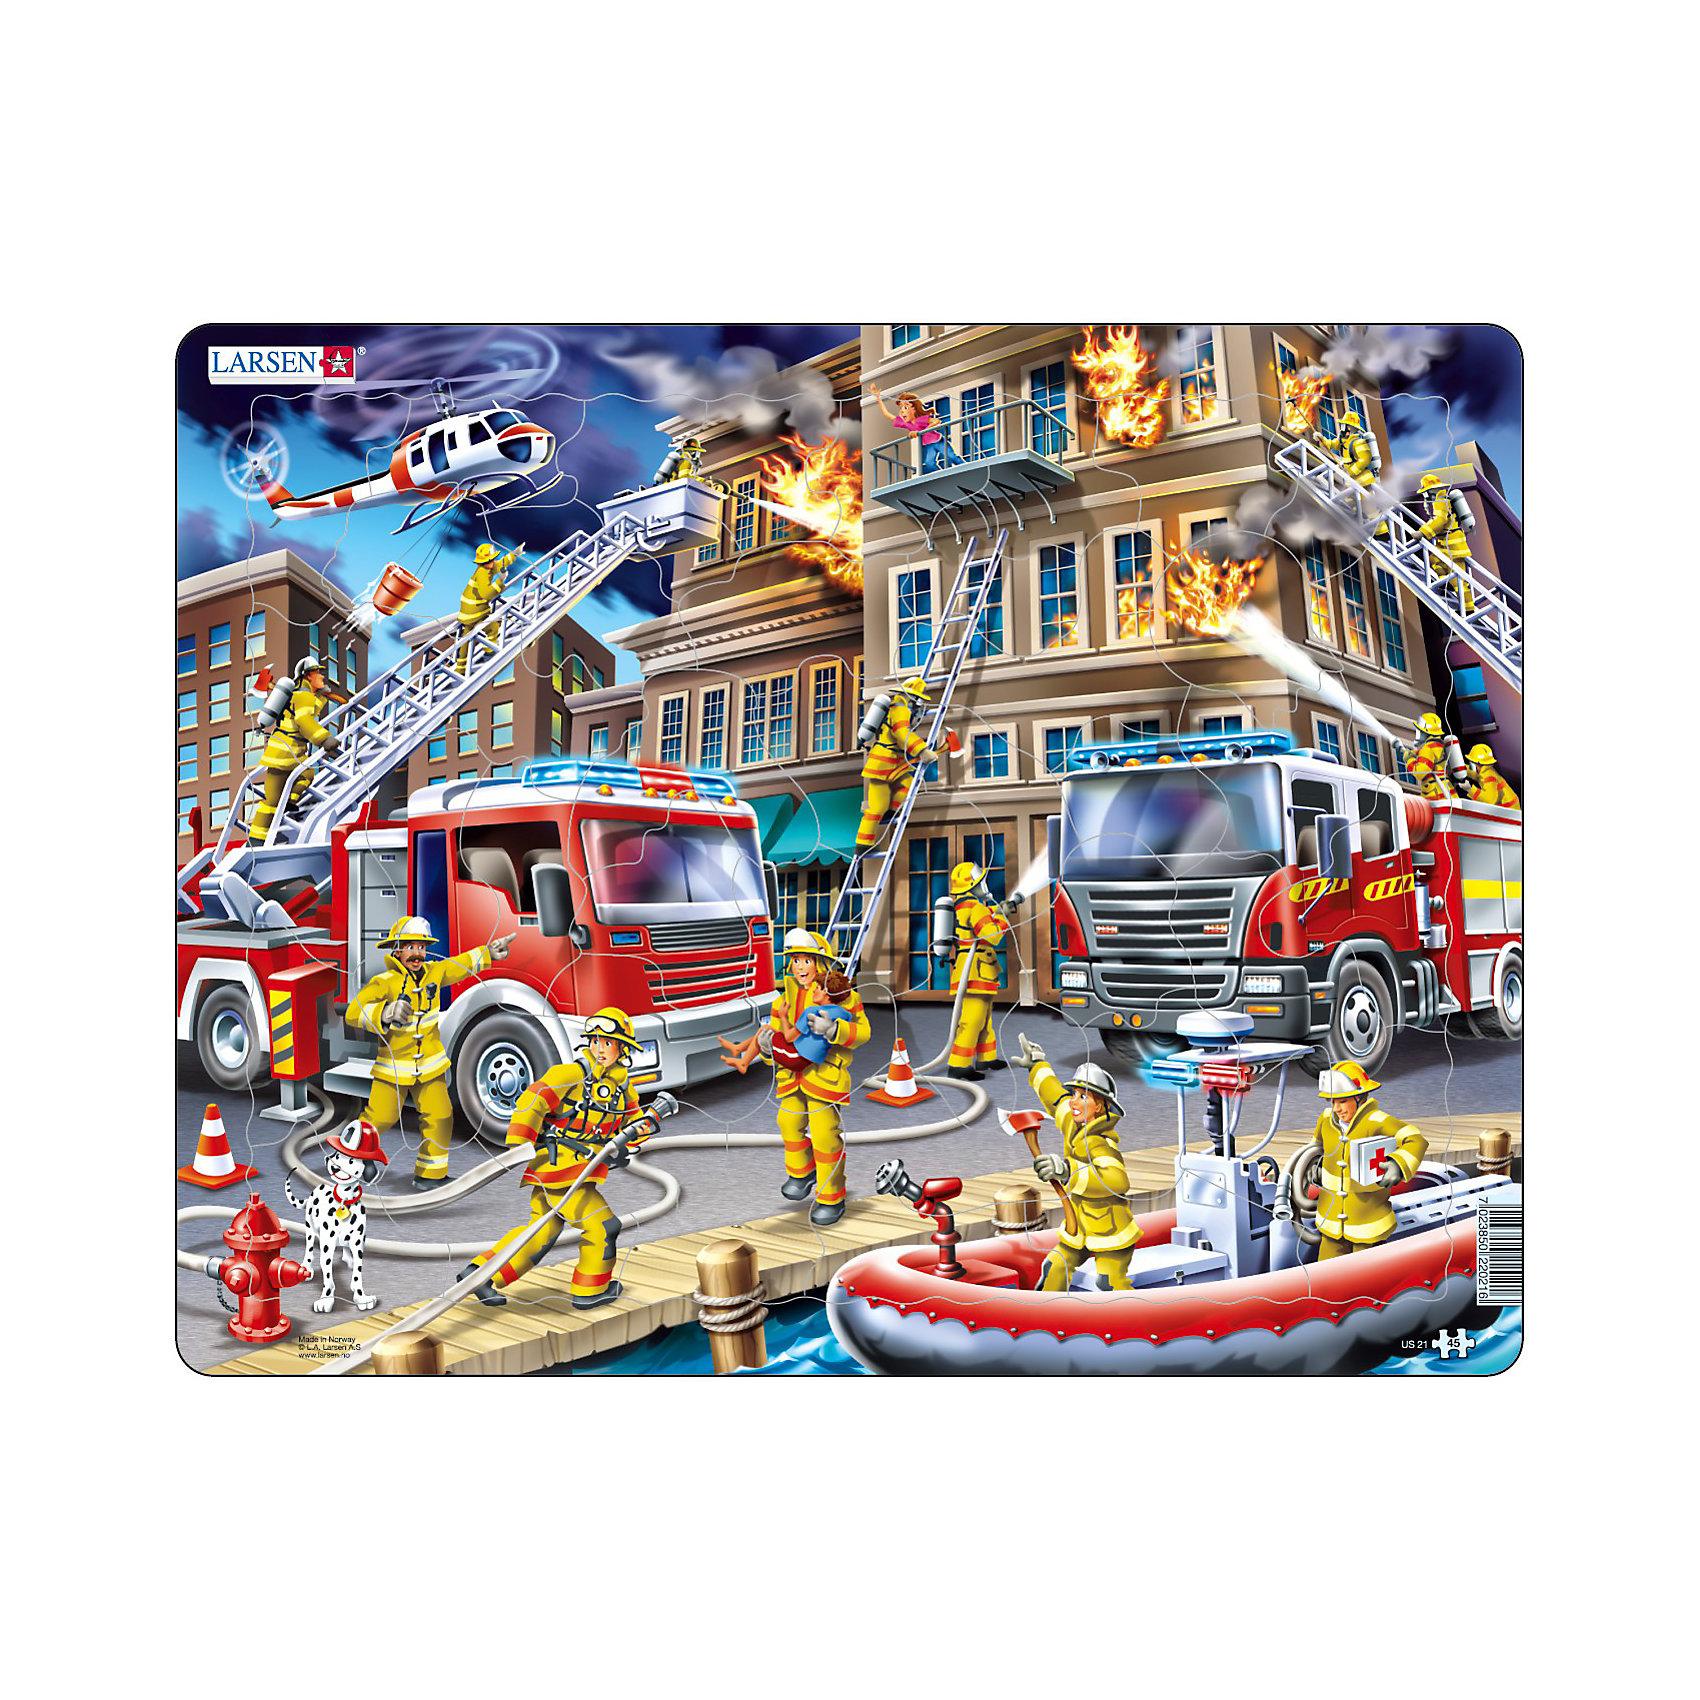 Пазл Пожарники, 45 деталей, LarsenПазлы для малышей<br>Пазл Пожарники, 45 деталей, Larsen (Ларсен) изображает сцену тушения пожара. Отважные пожарники раскручивают пожарный шланг, поднимаются на выдвижной лестнице, на верхний этаж, чтобы спасти человека, бегут на помощь пострадавшим с аптечкой, пожарный вертолет также участвует в этом опасном и героическом деле. Изготовлен пазл из плотного трехслойного картона, имеет специальную подложку и рамку, которые облегчают процесс сборки. Принцип сборки пазла заключается в использовании принципа совместимости изображений и контуров пазла. Если малыш не сможет совместить детали пазла по рисунку, он сделает это по контуру пазла, вставив его в подложку как вкладыш. Высокое качество материала и печати не допускают износа, расслаивания, деформации деталей и стирания рисунка. Многообразие форм и разные размеры деталей пазла развивают мелкую моторику пальцев. Занятия по сборке пазла развивают образное и логическое мышление, пространственное воображение, память, внимание, усидчивость, координацию движений.<br><br>Дополнительная информация:<br><br>- Количество элементов: 45 деталей<br>- Материал: плотный трехслойный картон<br>- Размер пазла: 36,5 x 28,5 см.<br><br>Пазл Пожарники, 45 деталей, Larsen (Ларсен) можно купить в нашем интернет-магазине.<br><br>Ширина мм: 367<br>Глубина мм: 283<br>Высота мм: 7<br>Вес г: 320<br>Возраст от месяцев: 60<br>Возраст до месяцев: 84<br>Пол: Мужской<br>Возраст: Детский<br>Количество деталей: 45<br>SKU: 3206517